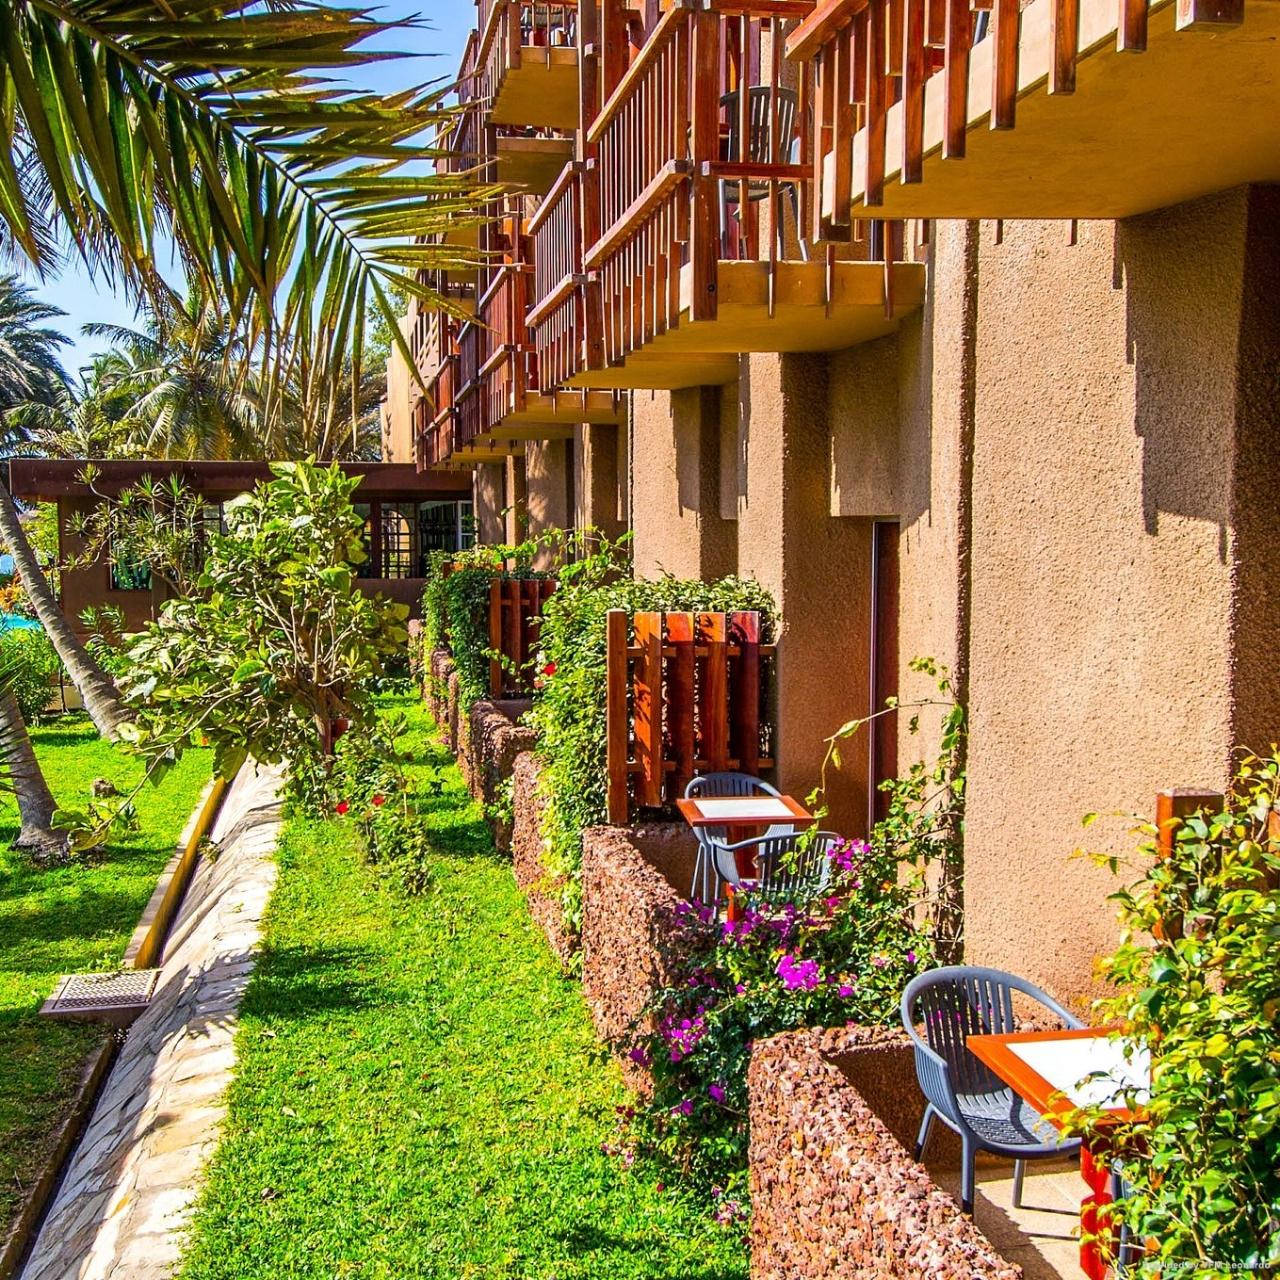 Hotel Jardin Savana Dakar - 4 Hrs Star Hotel In Dakar avec Hotel Jardin Savana Dakar